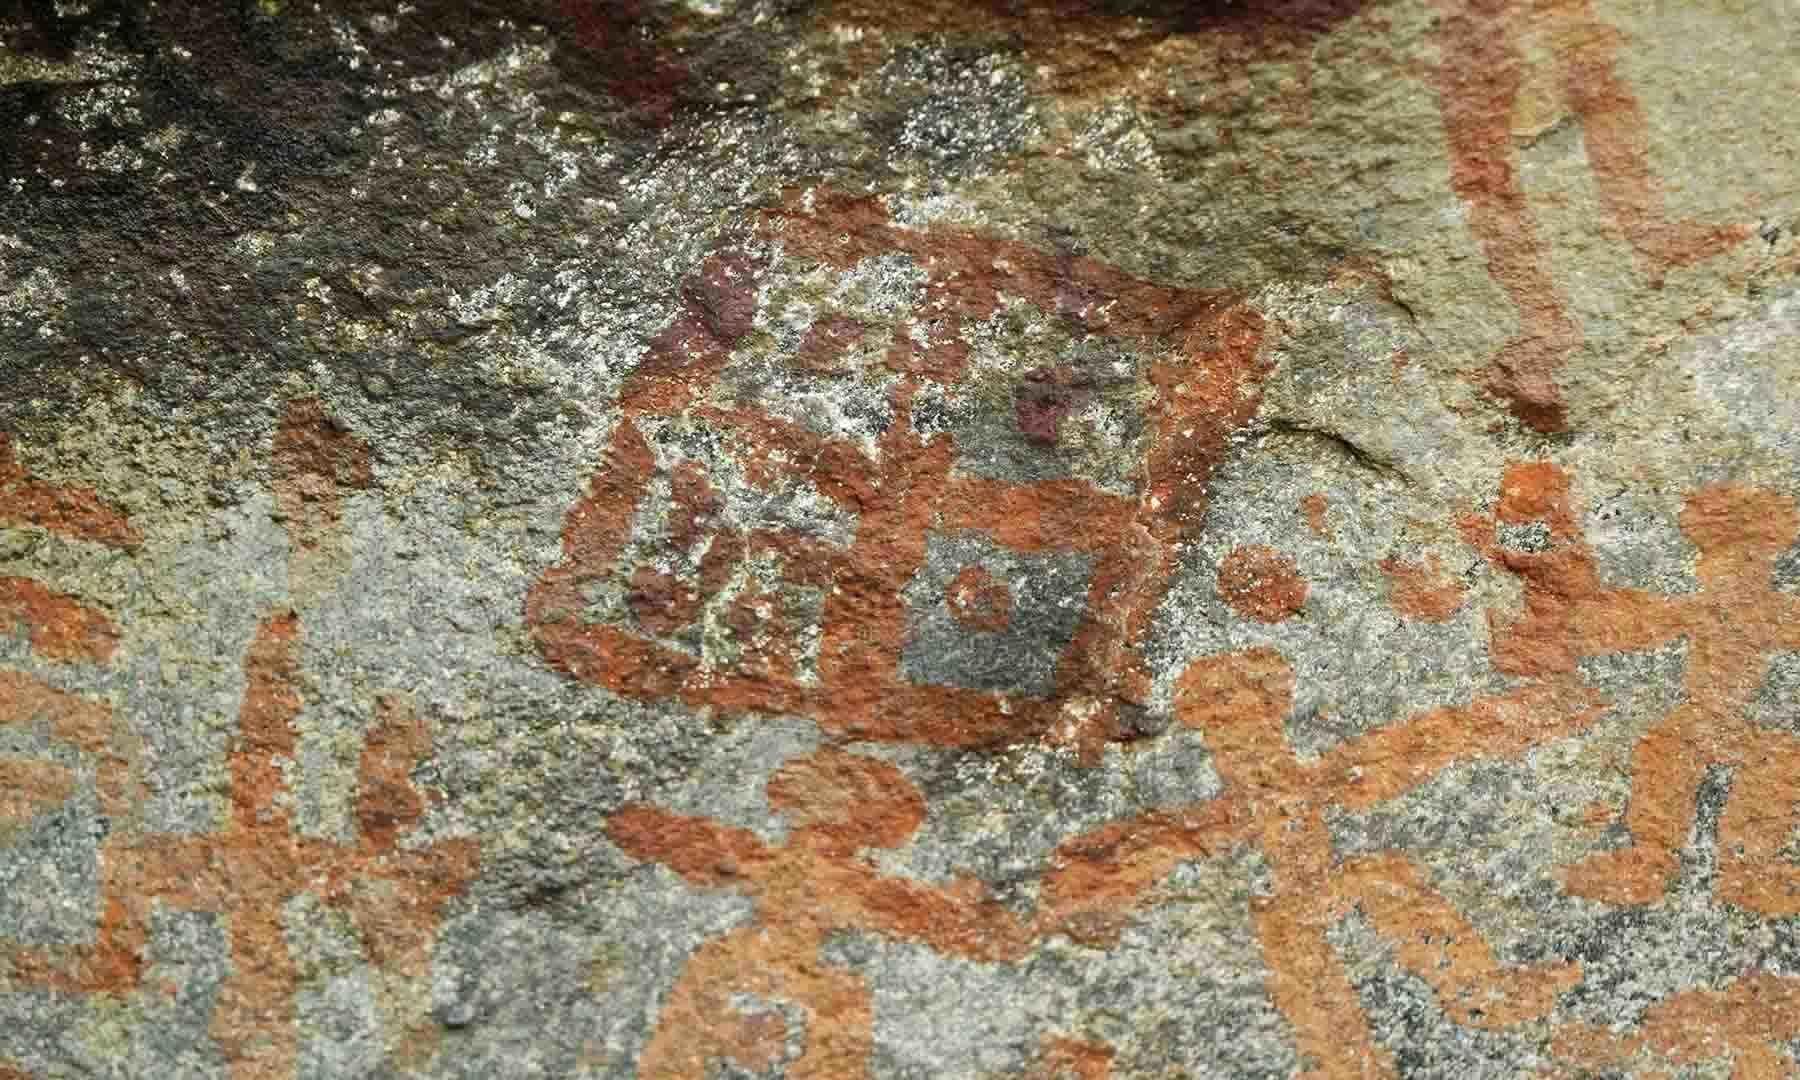 سرگاہ سر کی تقریباً تین ہزار سال پرانی پینٹنگ— امجد علی سحاب